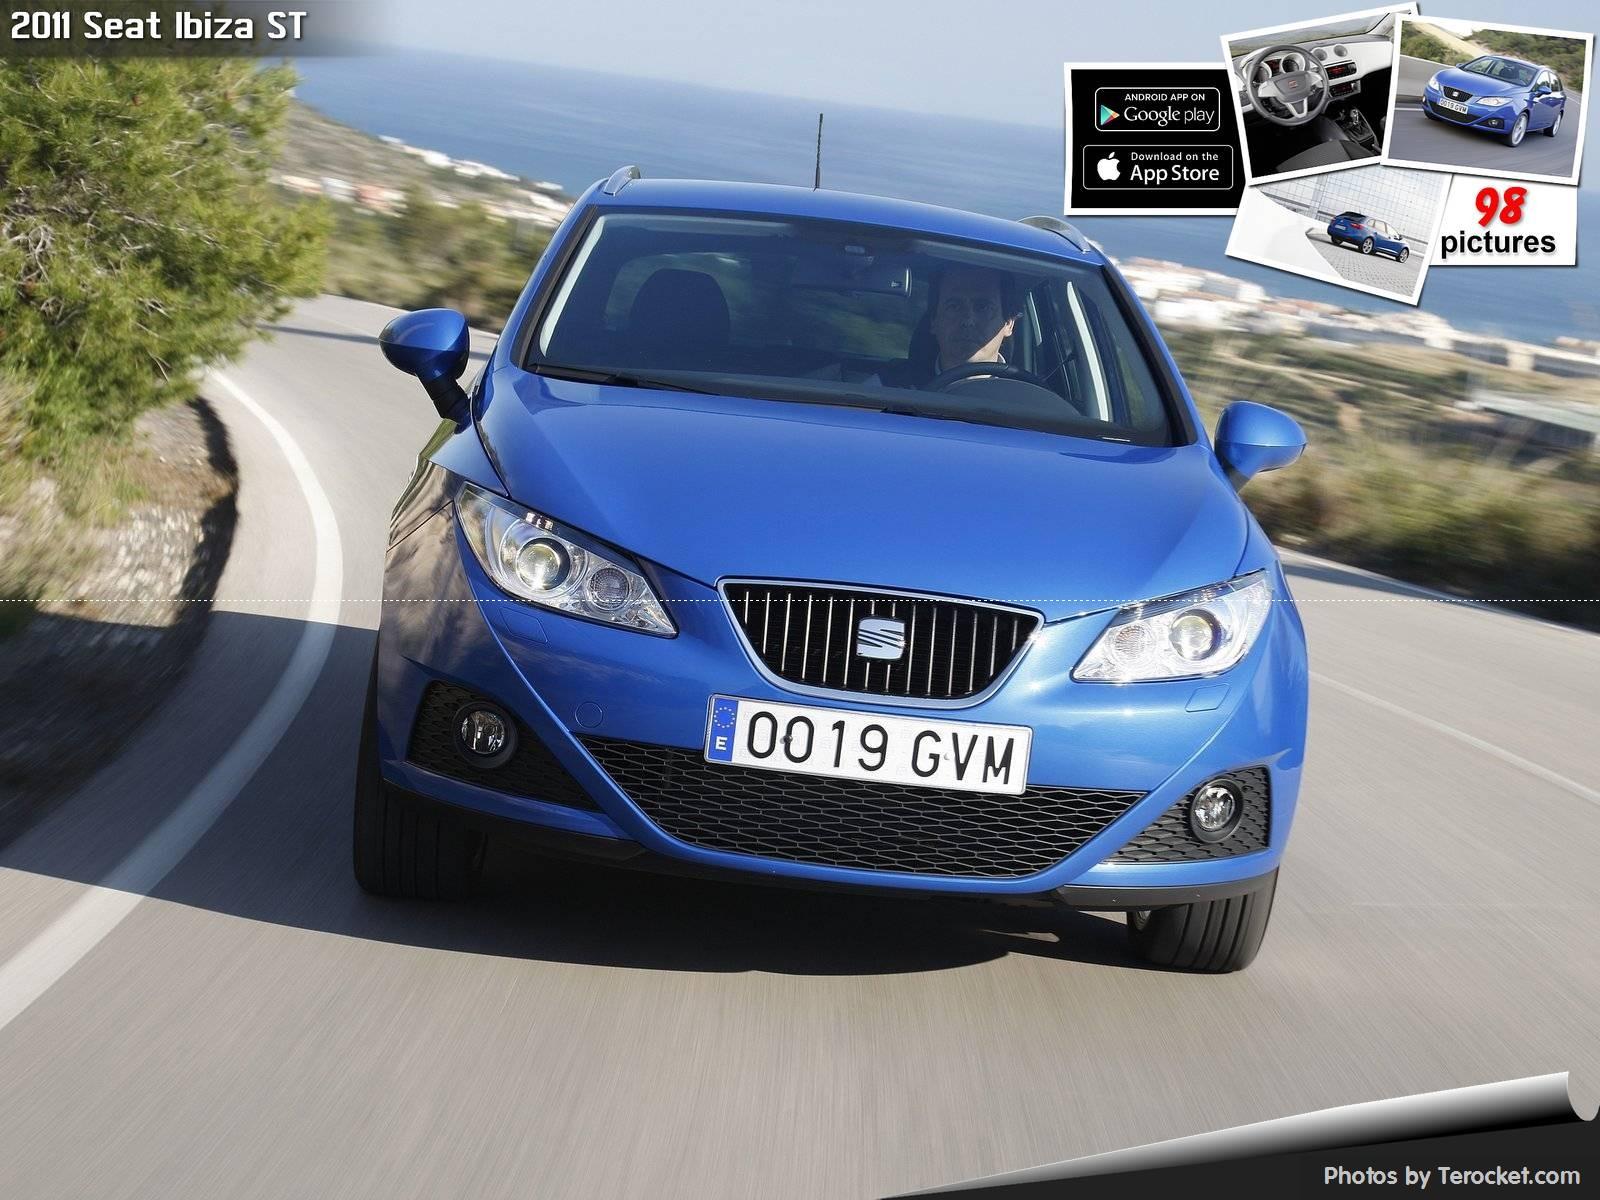 Hình ảnh xe ô tô Seat Ibiza ST 2011 & nội ngoại thất